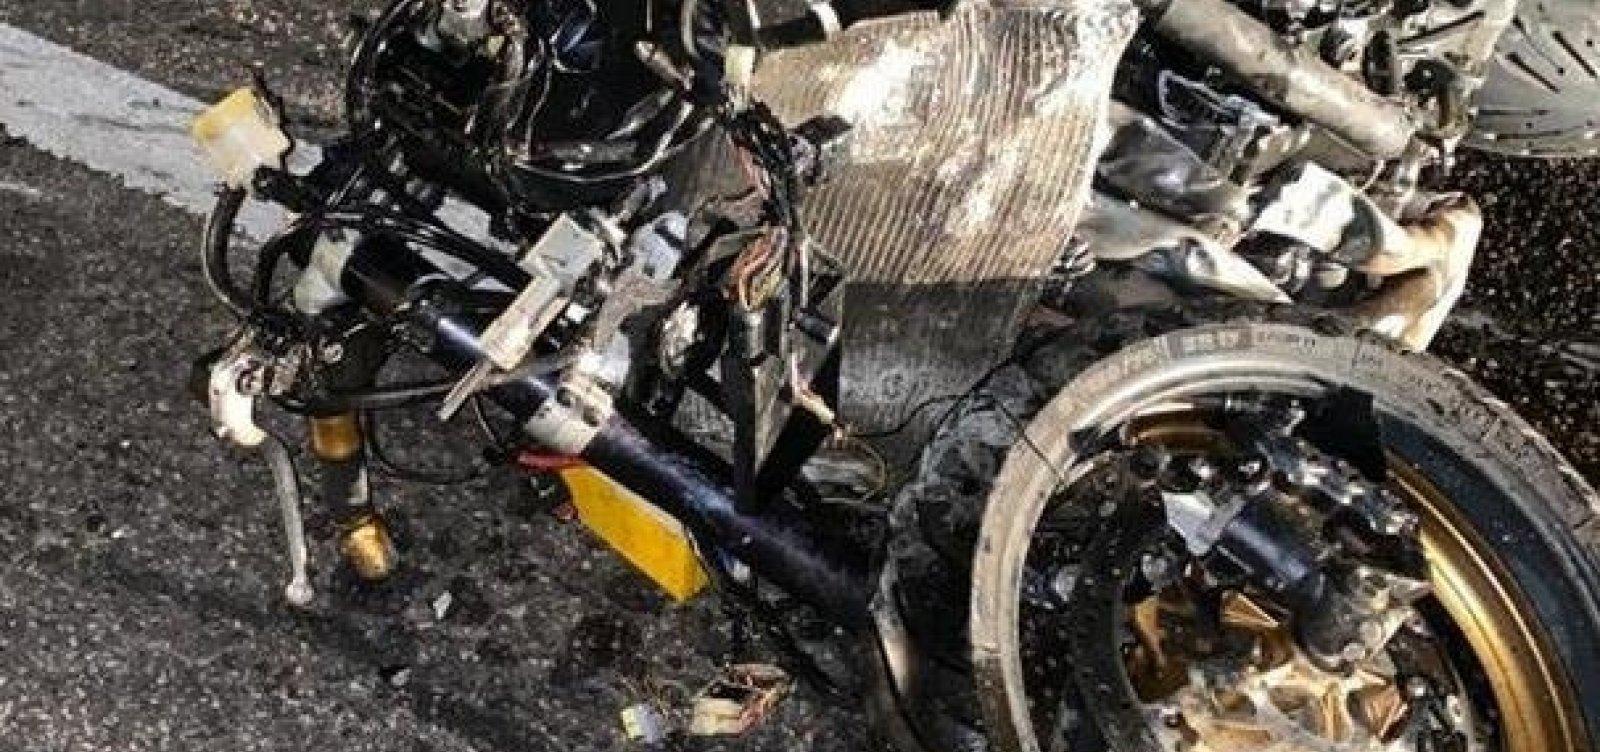 Policial militar é morto após carro na contramão colidir com sua moto